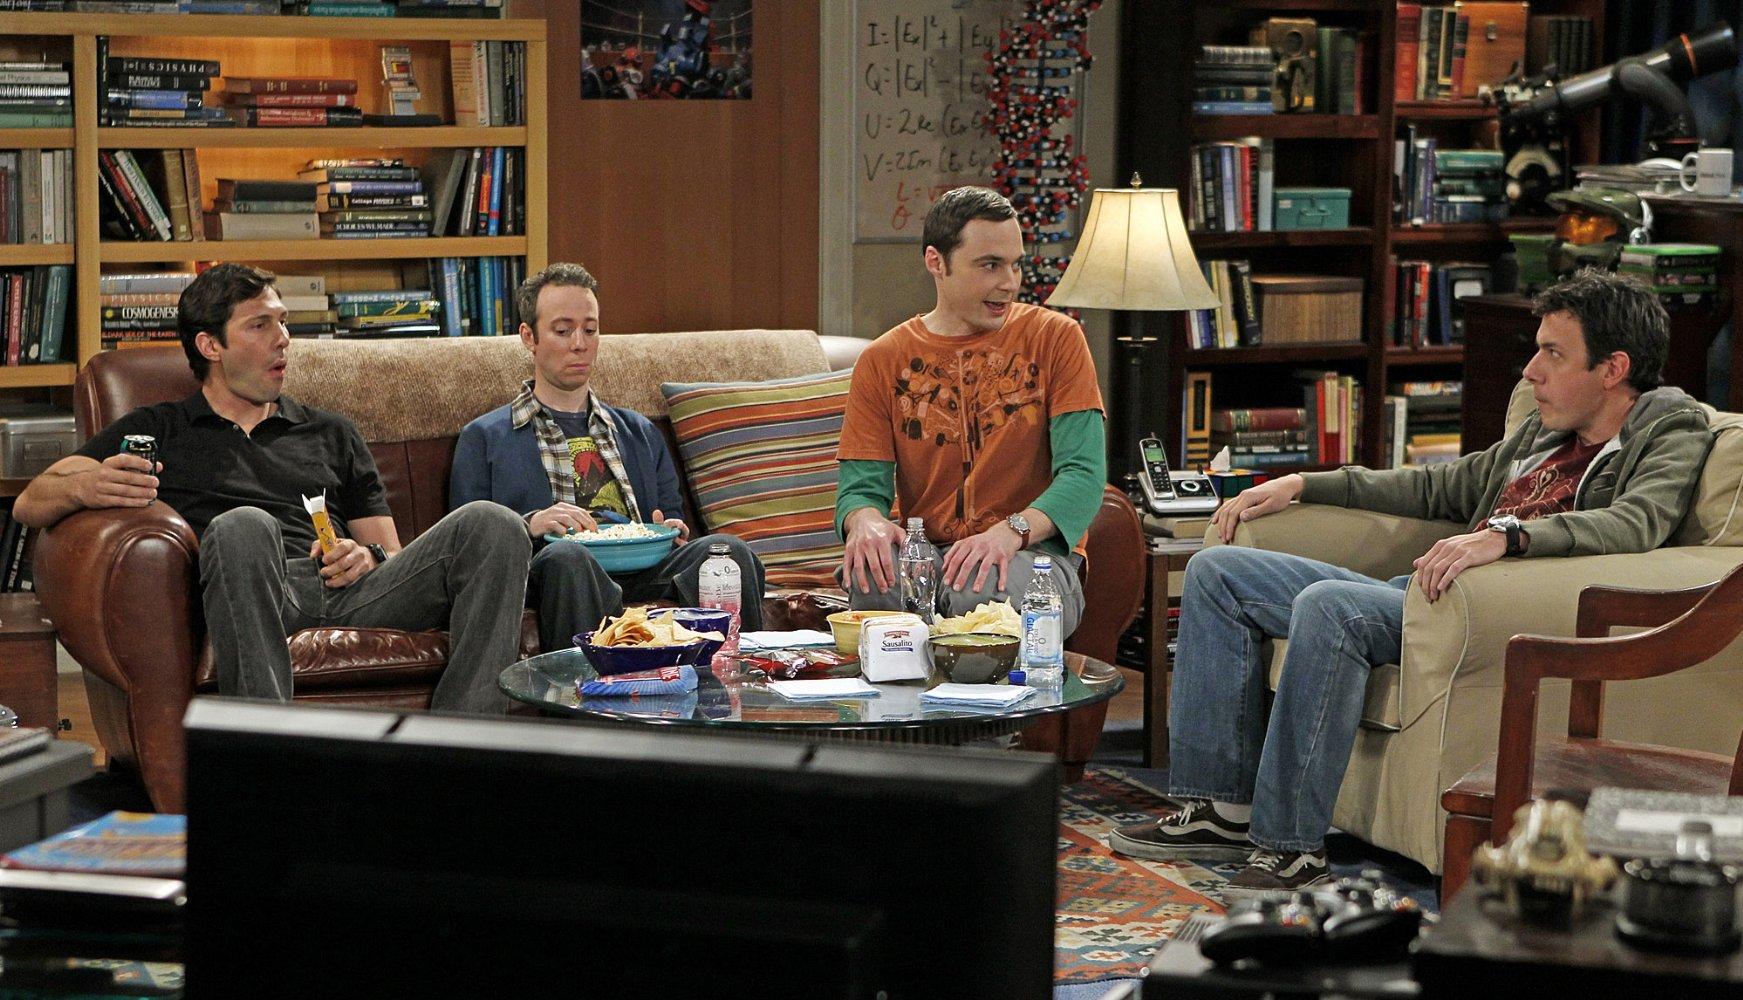 Sheldon's Social Group